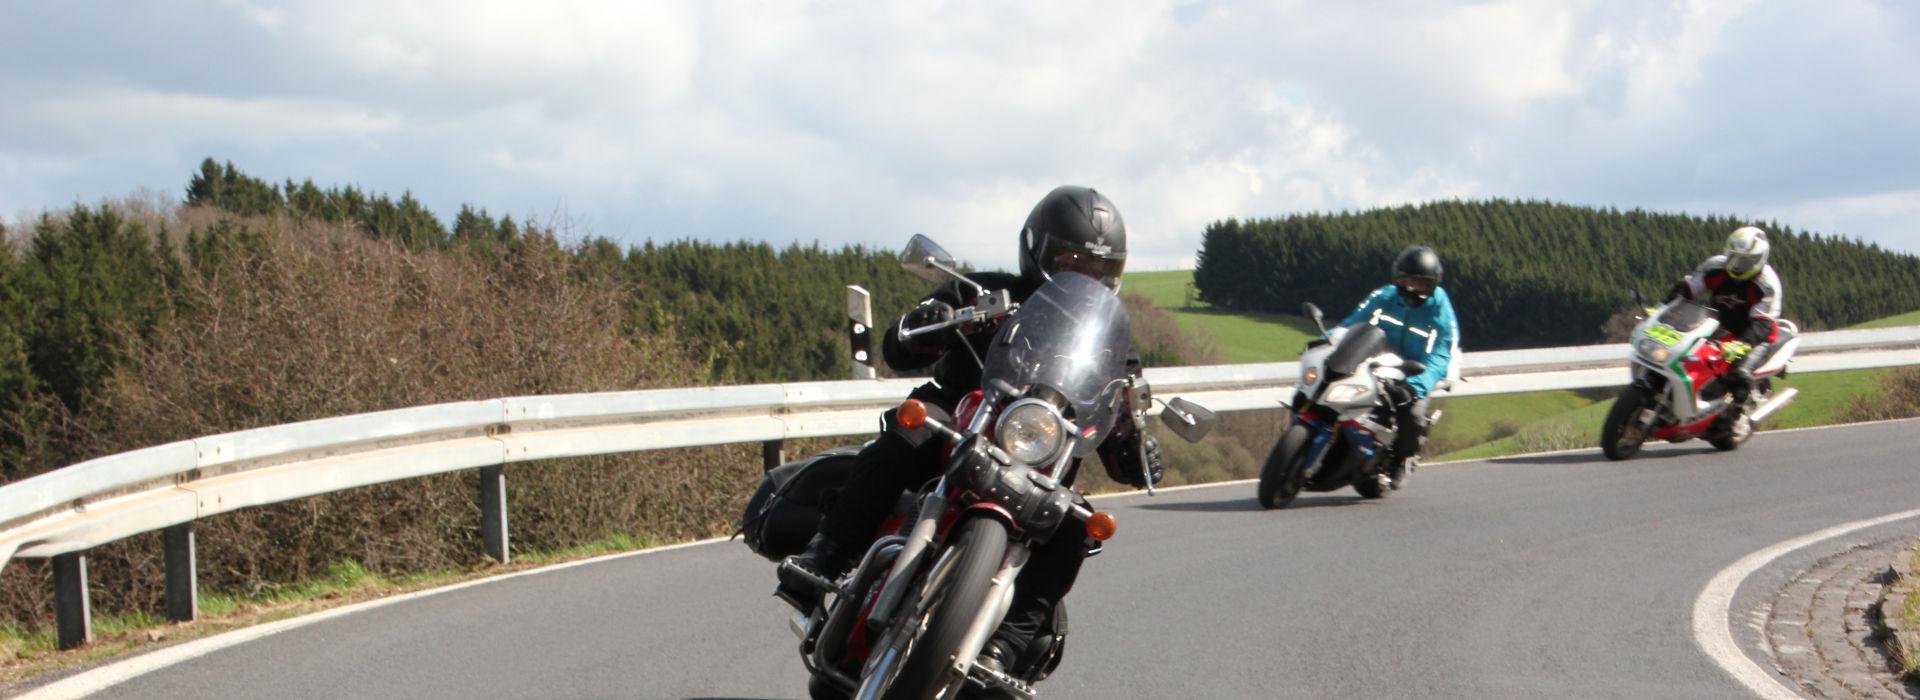 Motorrijbewijspoint Baexem snel motorrijbewijs halen